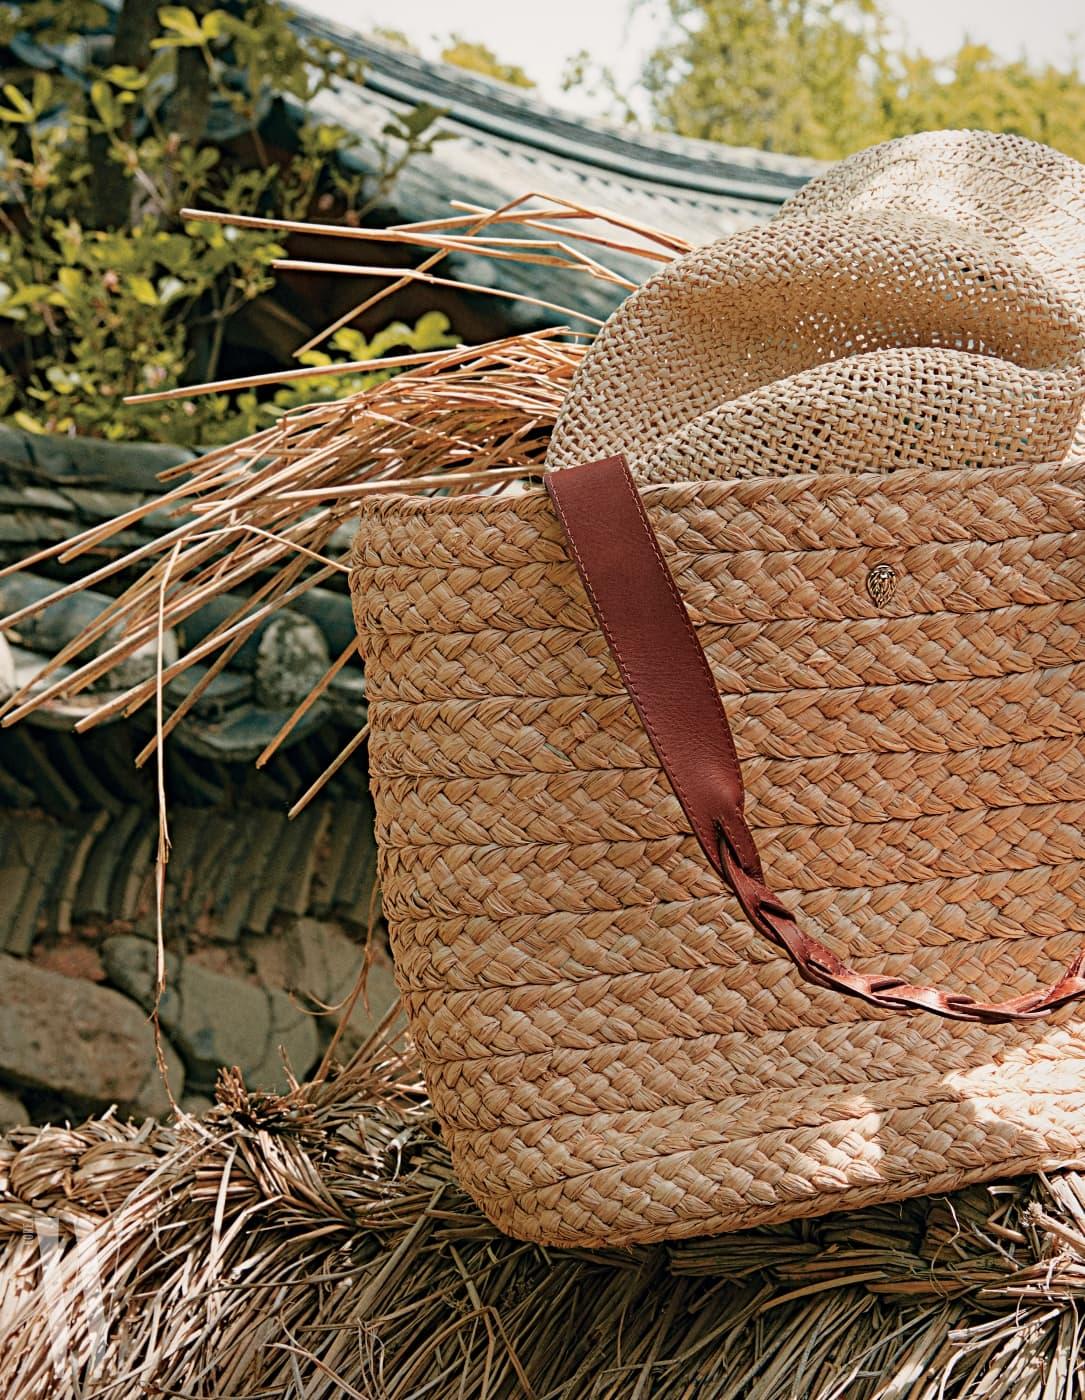 밀짚을 엮은 무늬가 돋보이는 라피아 쇼퍼백은 헬렌카민스키 제품. 35만원. 가방 속에 들어 있는 스트로 모자는 H&M 제품. 3만8천원.